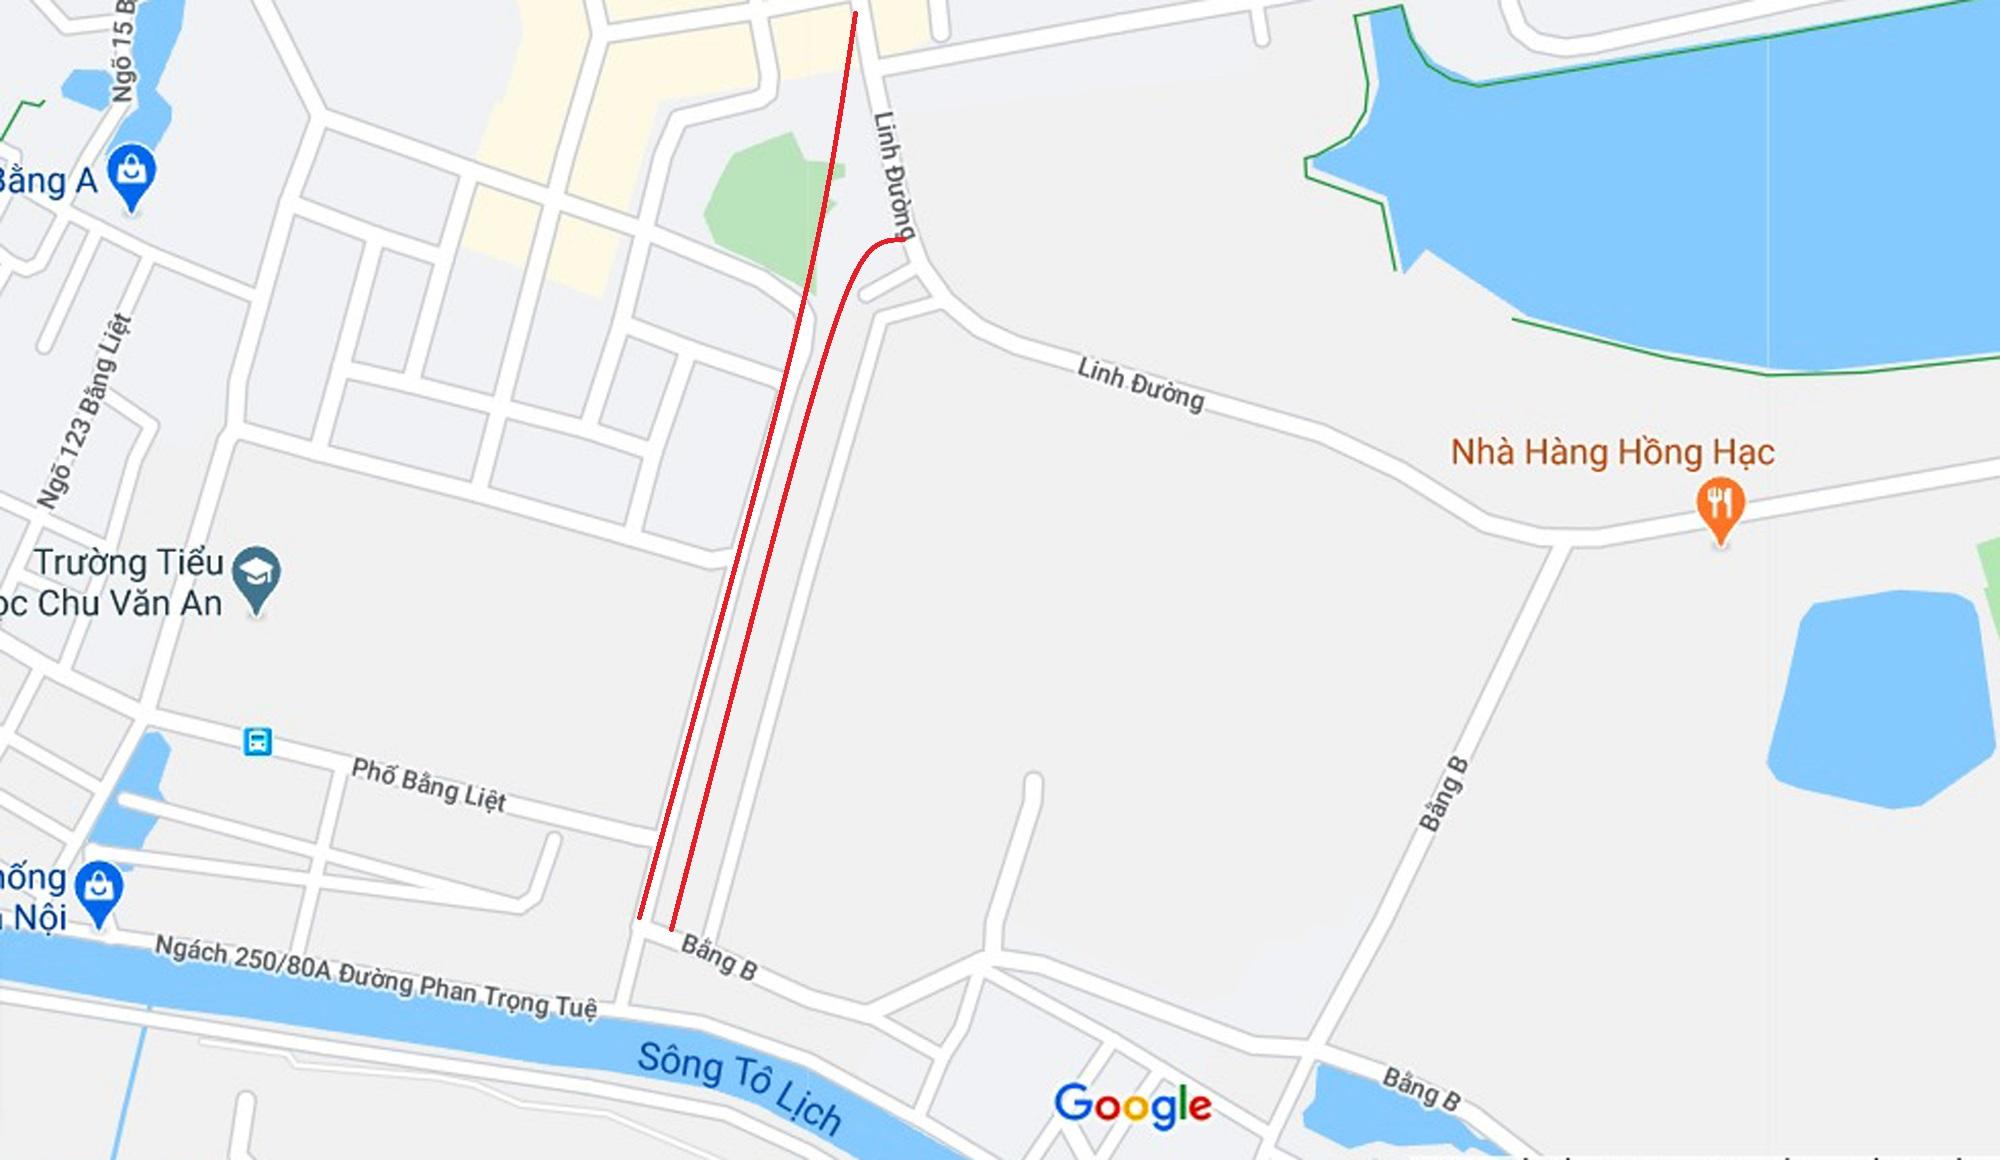 Ba đường sẽ mở theo qui hoạch ở phường Hoàng Liệt, Hoàng Mai, Hà Nội - Ảnh 2.